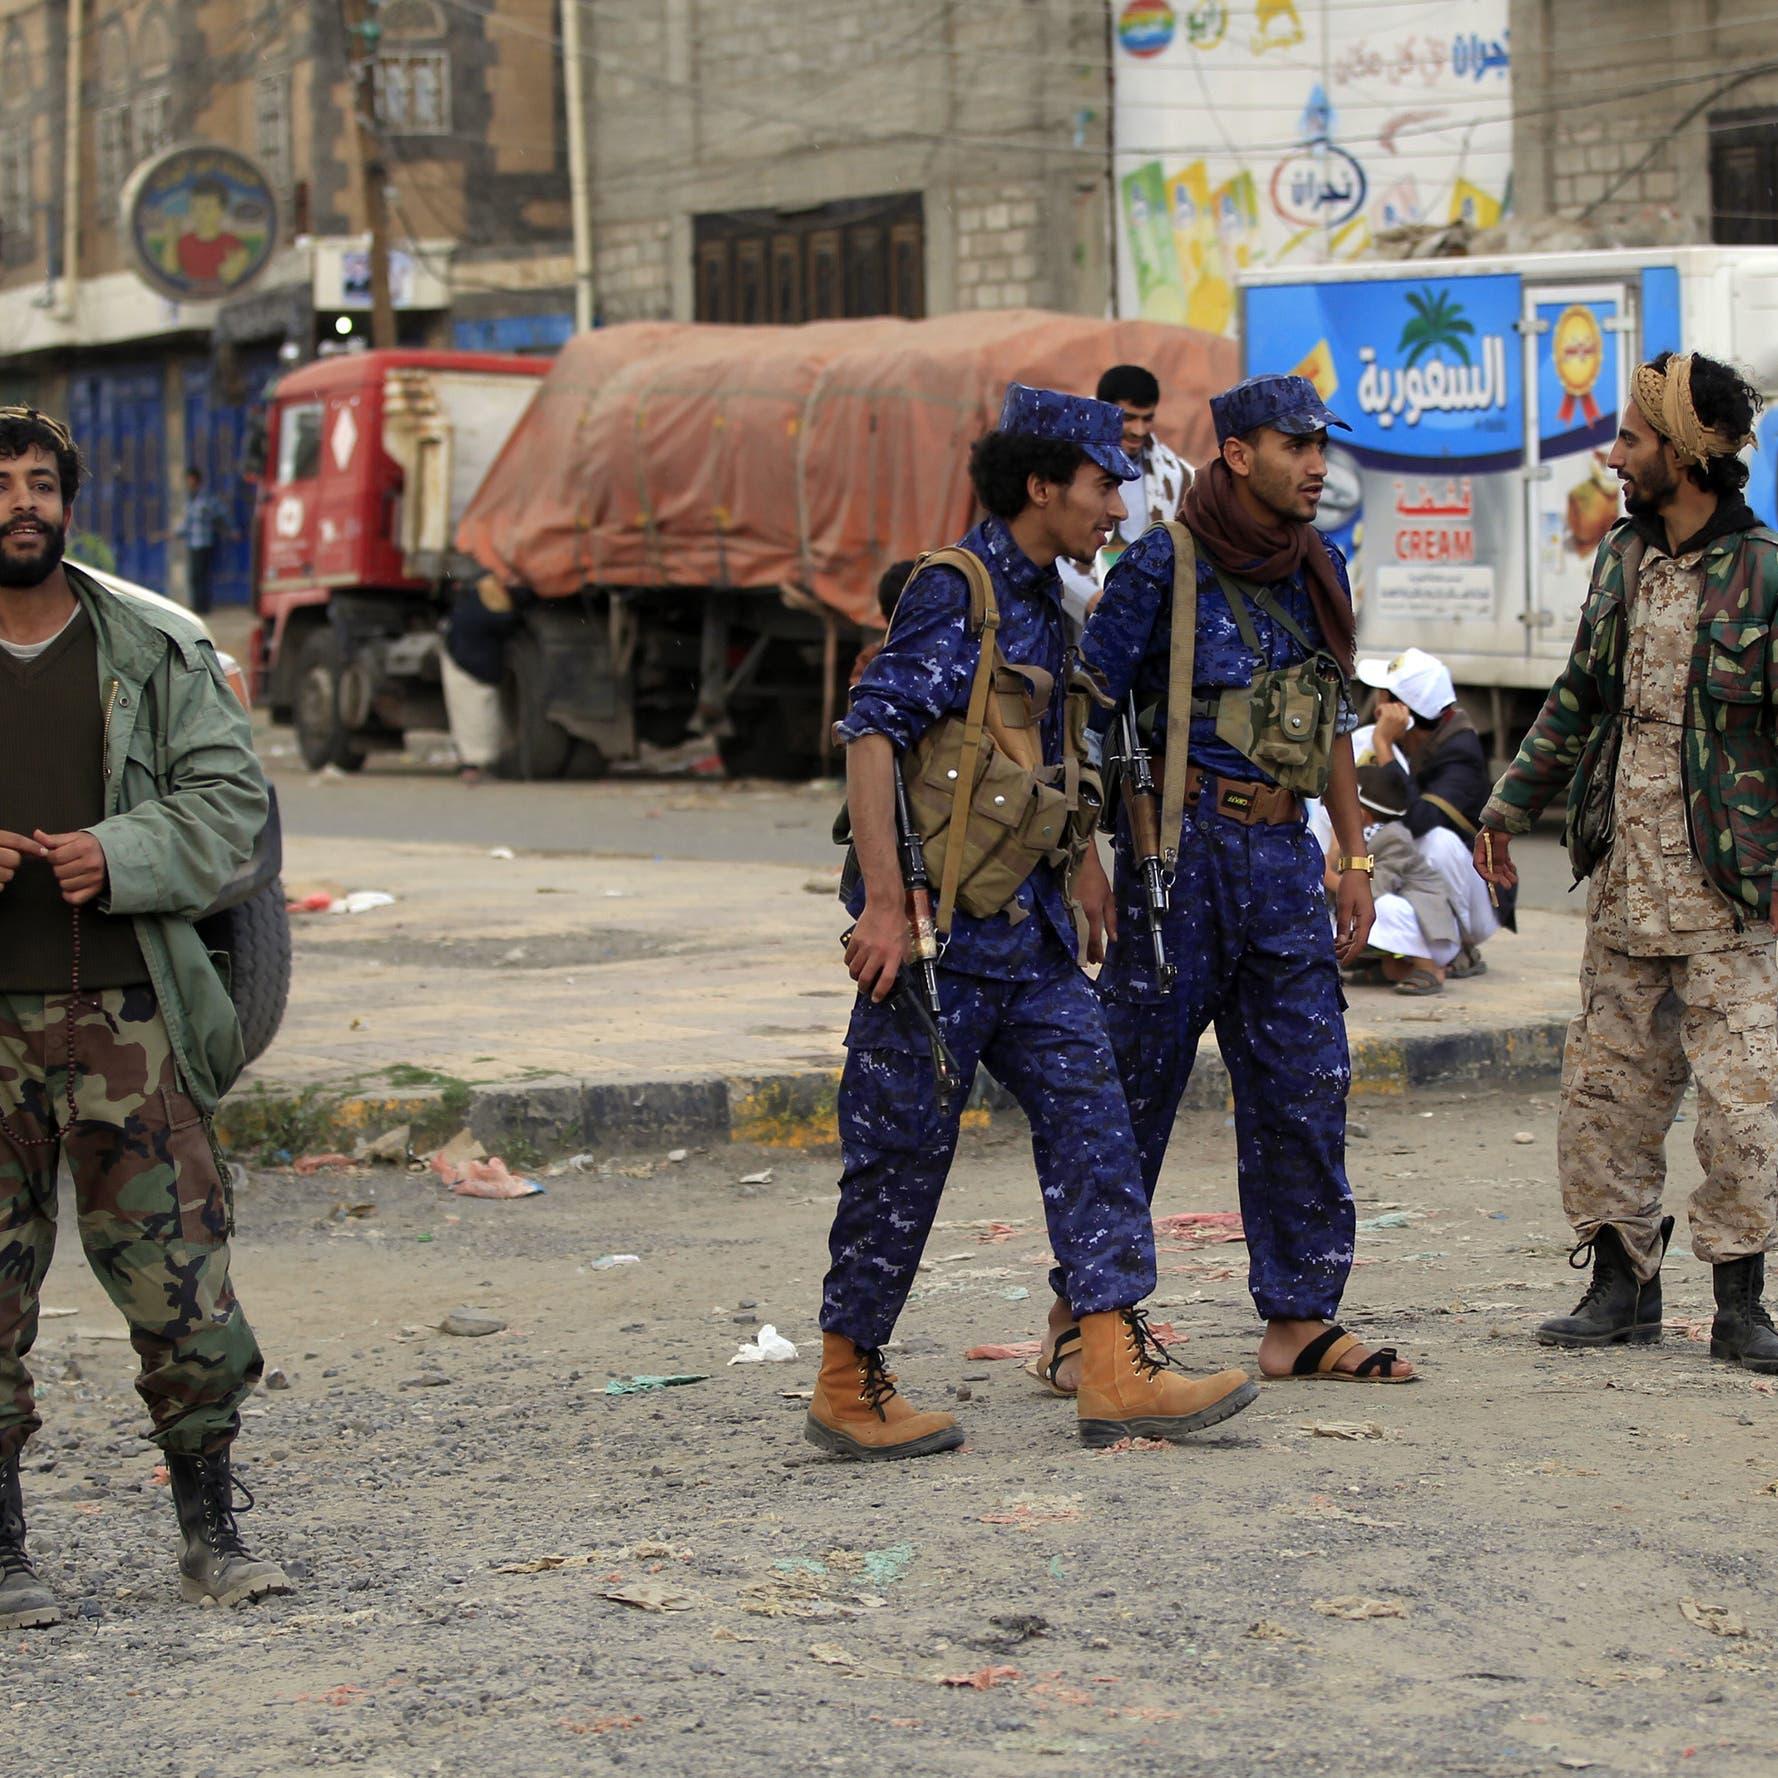 الجيش اليمني يعلن أسر 20 حوثياً في جبهة صرواح